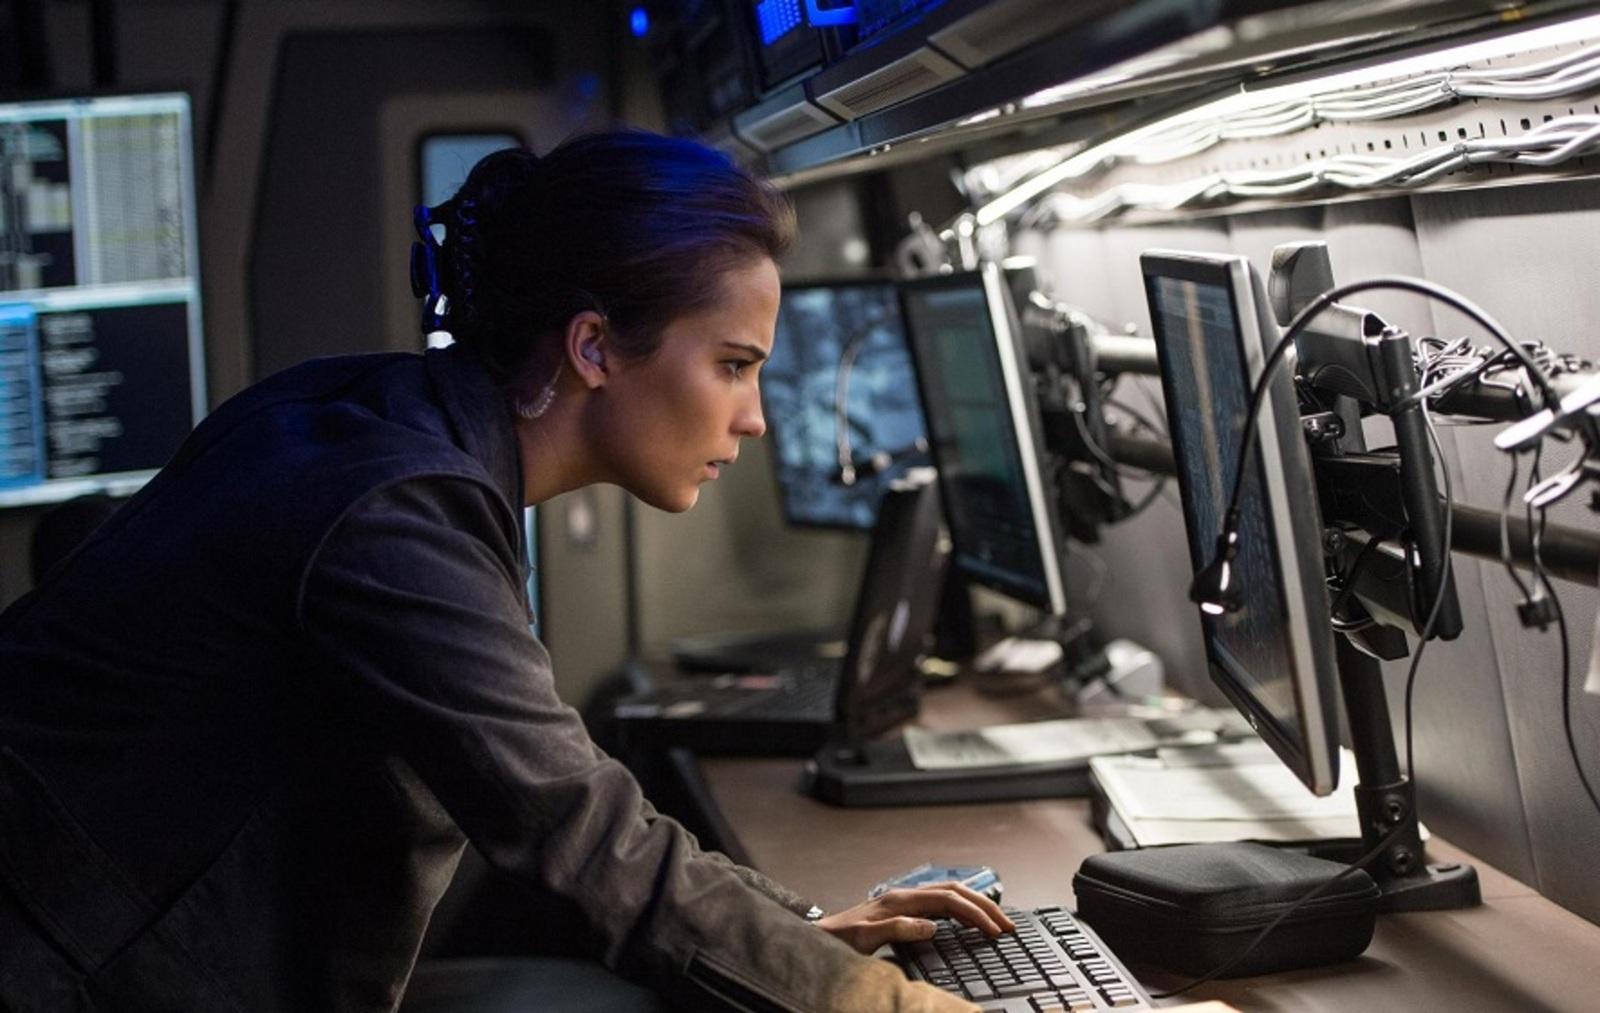 Уточняется, что заклеивание микрофона и камеры поможет владельцам ноутбуков лучше защититься от «нападения» хакеров